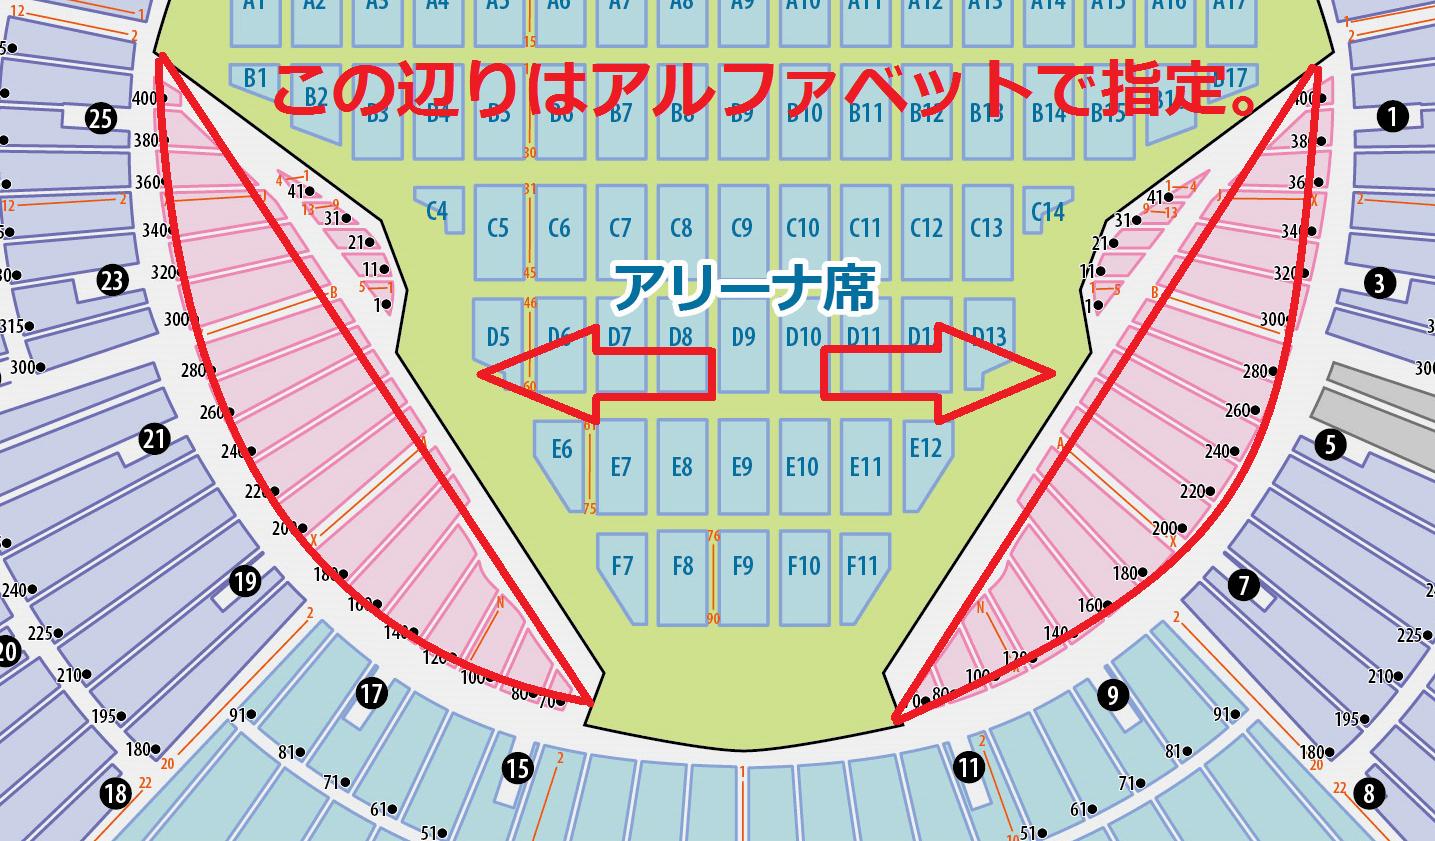 横浜 スタジアム ライブ 座席